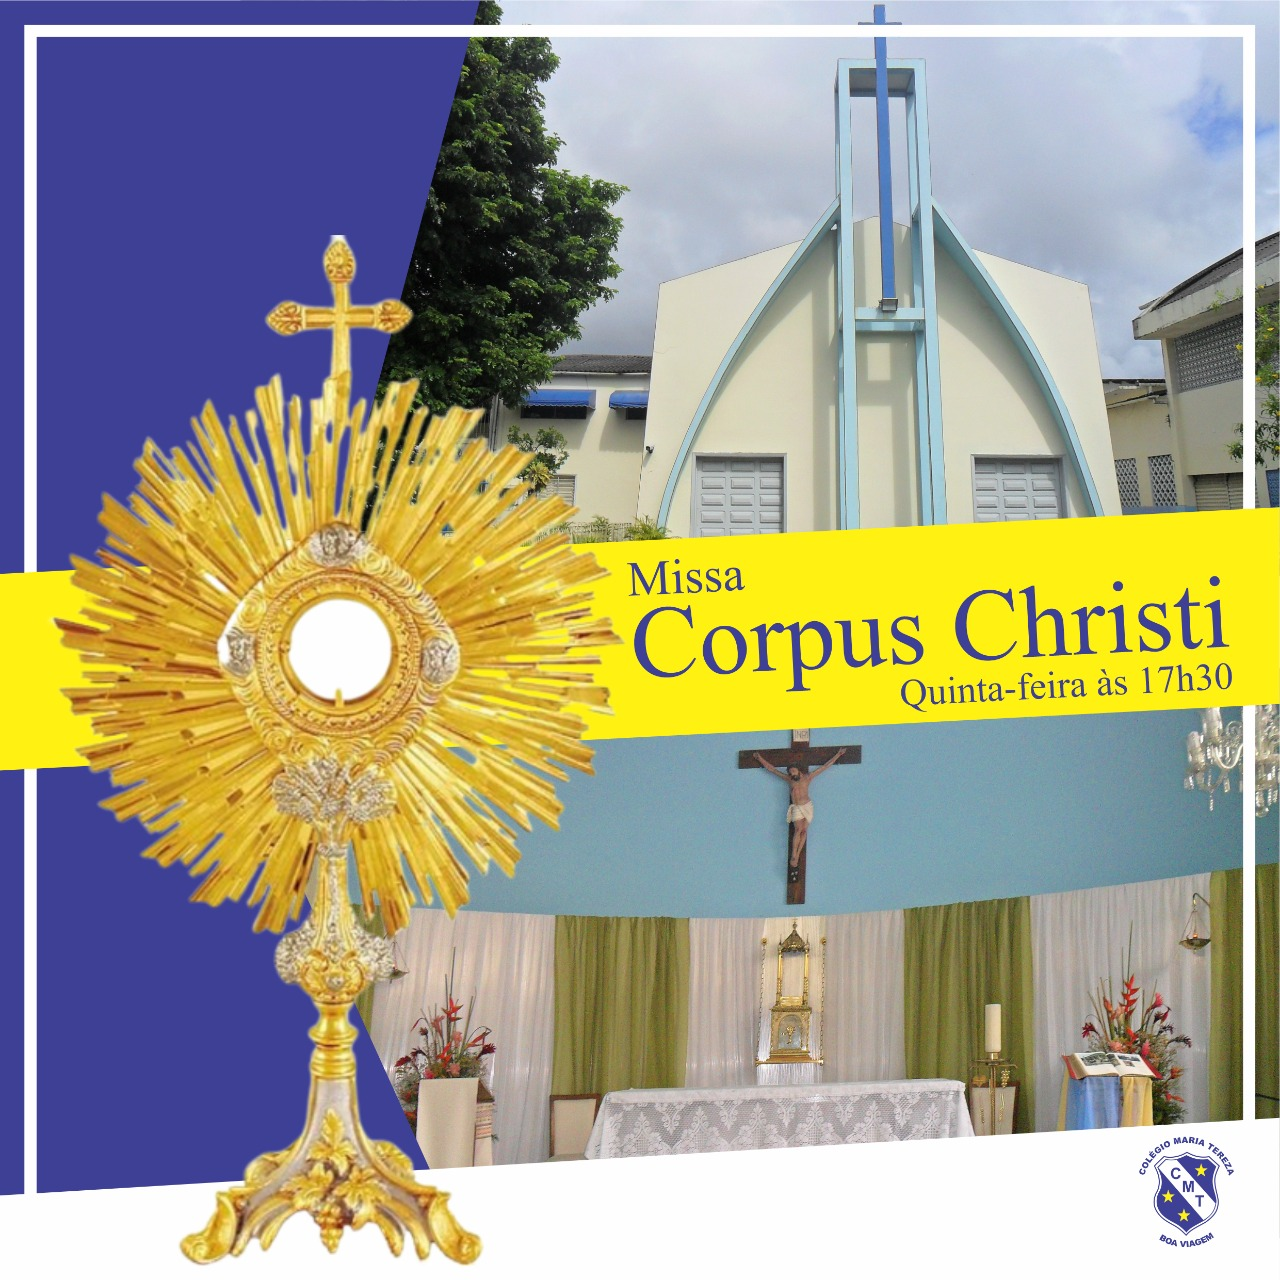 http://www.colegiomariatereza.com.br/site/missa-de-corpus-christi/